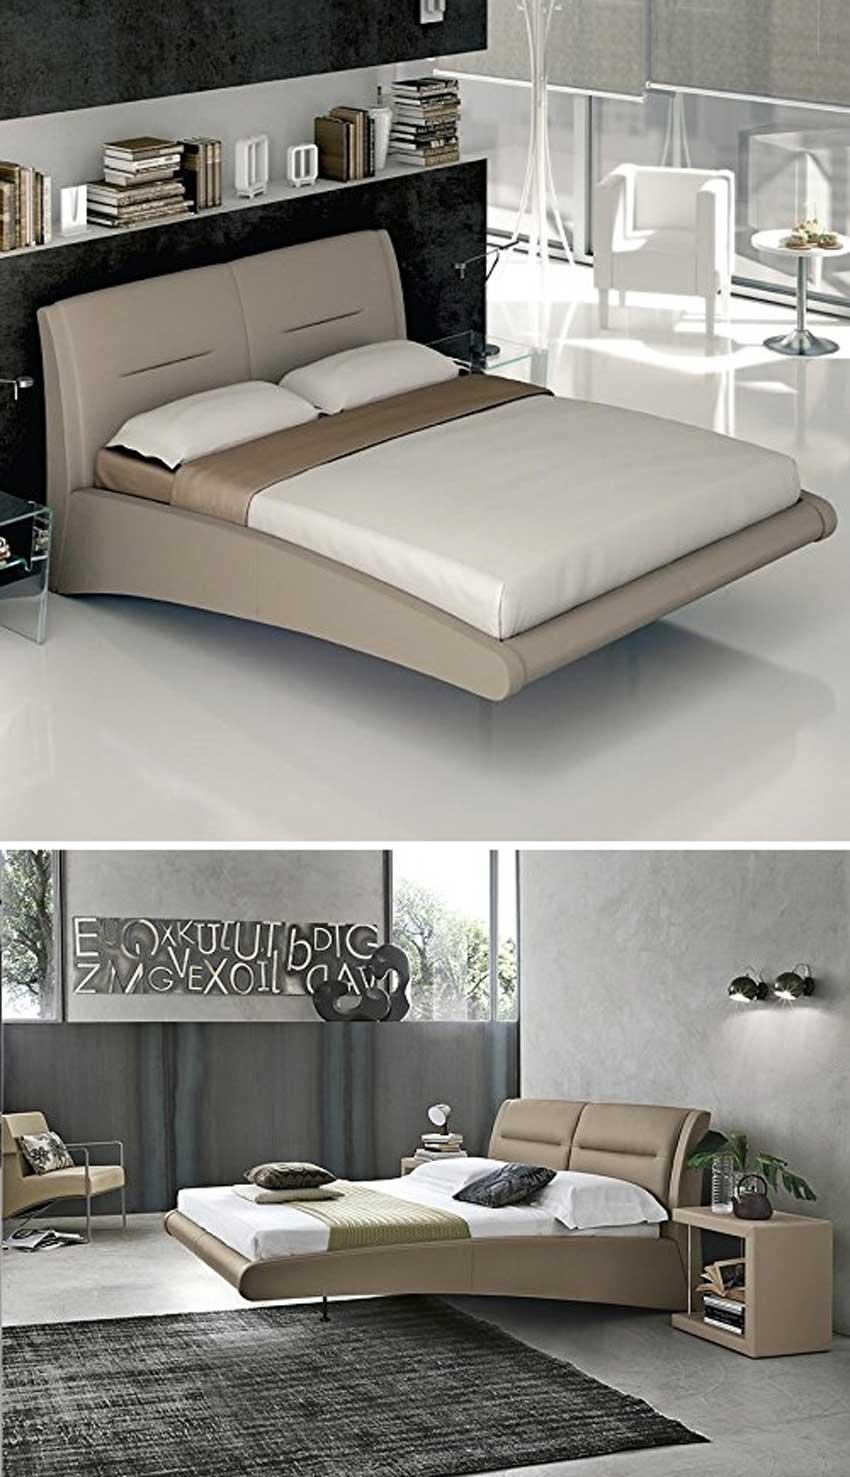 Camera da letto con arredamento moderno, letto sospeso.